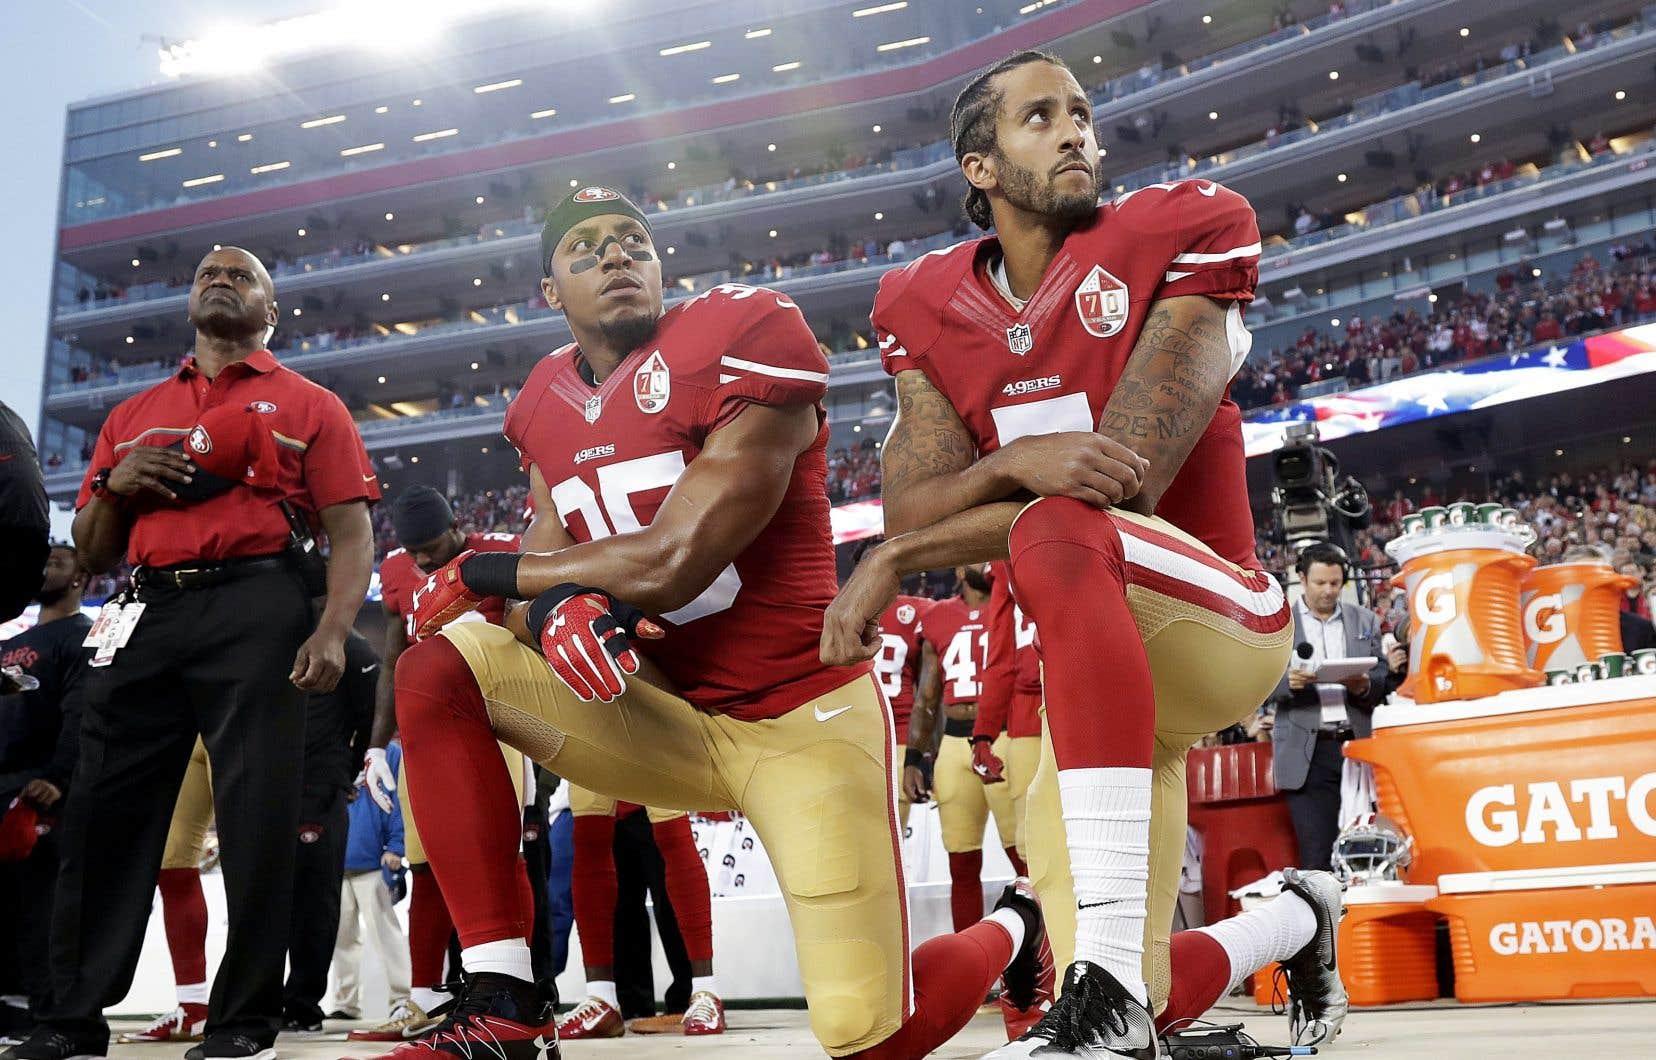 L'ancien quart des 49ers de San Francisco, Colin Kaepernick (à droite) et son coéquipier Eric Reid, en septembre 2016.